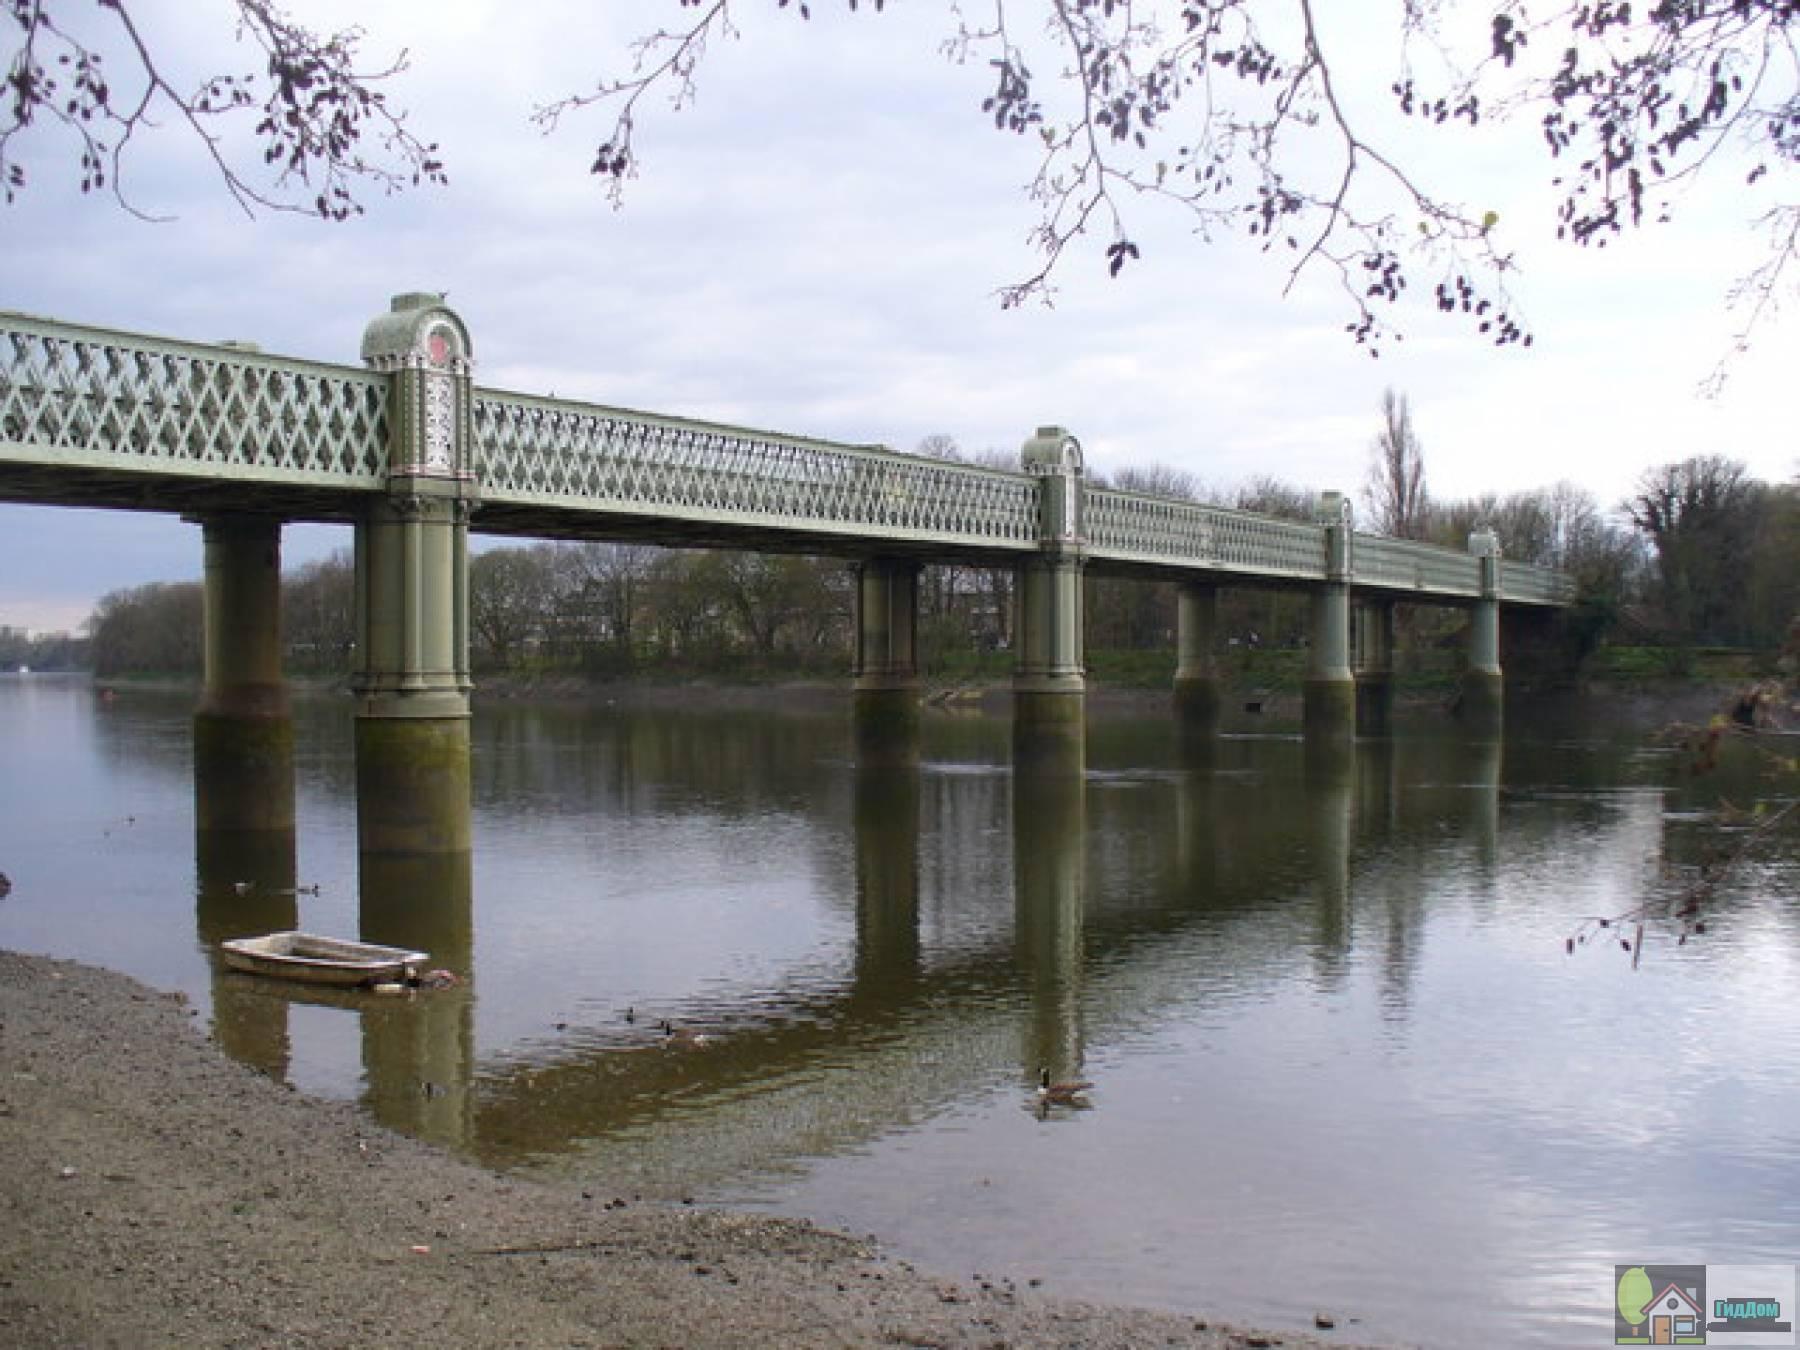 Железнодорожный мост Кью через Темзу